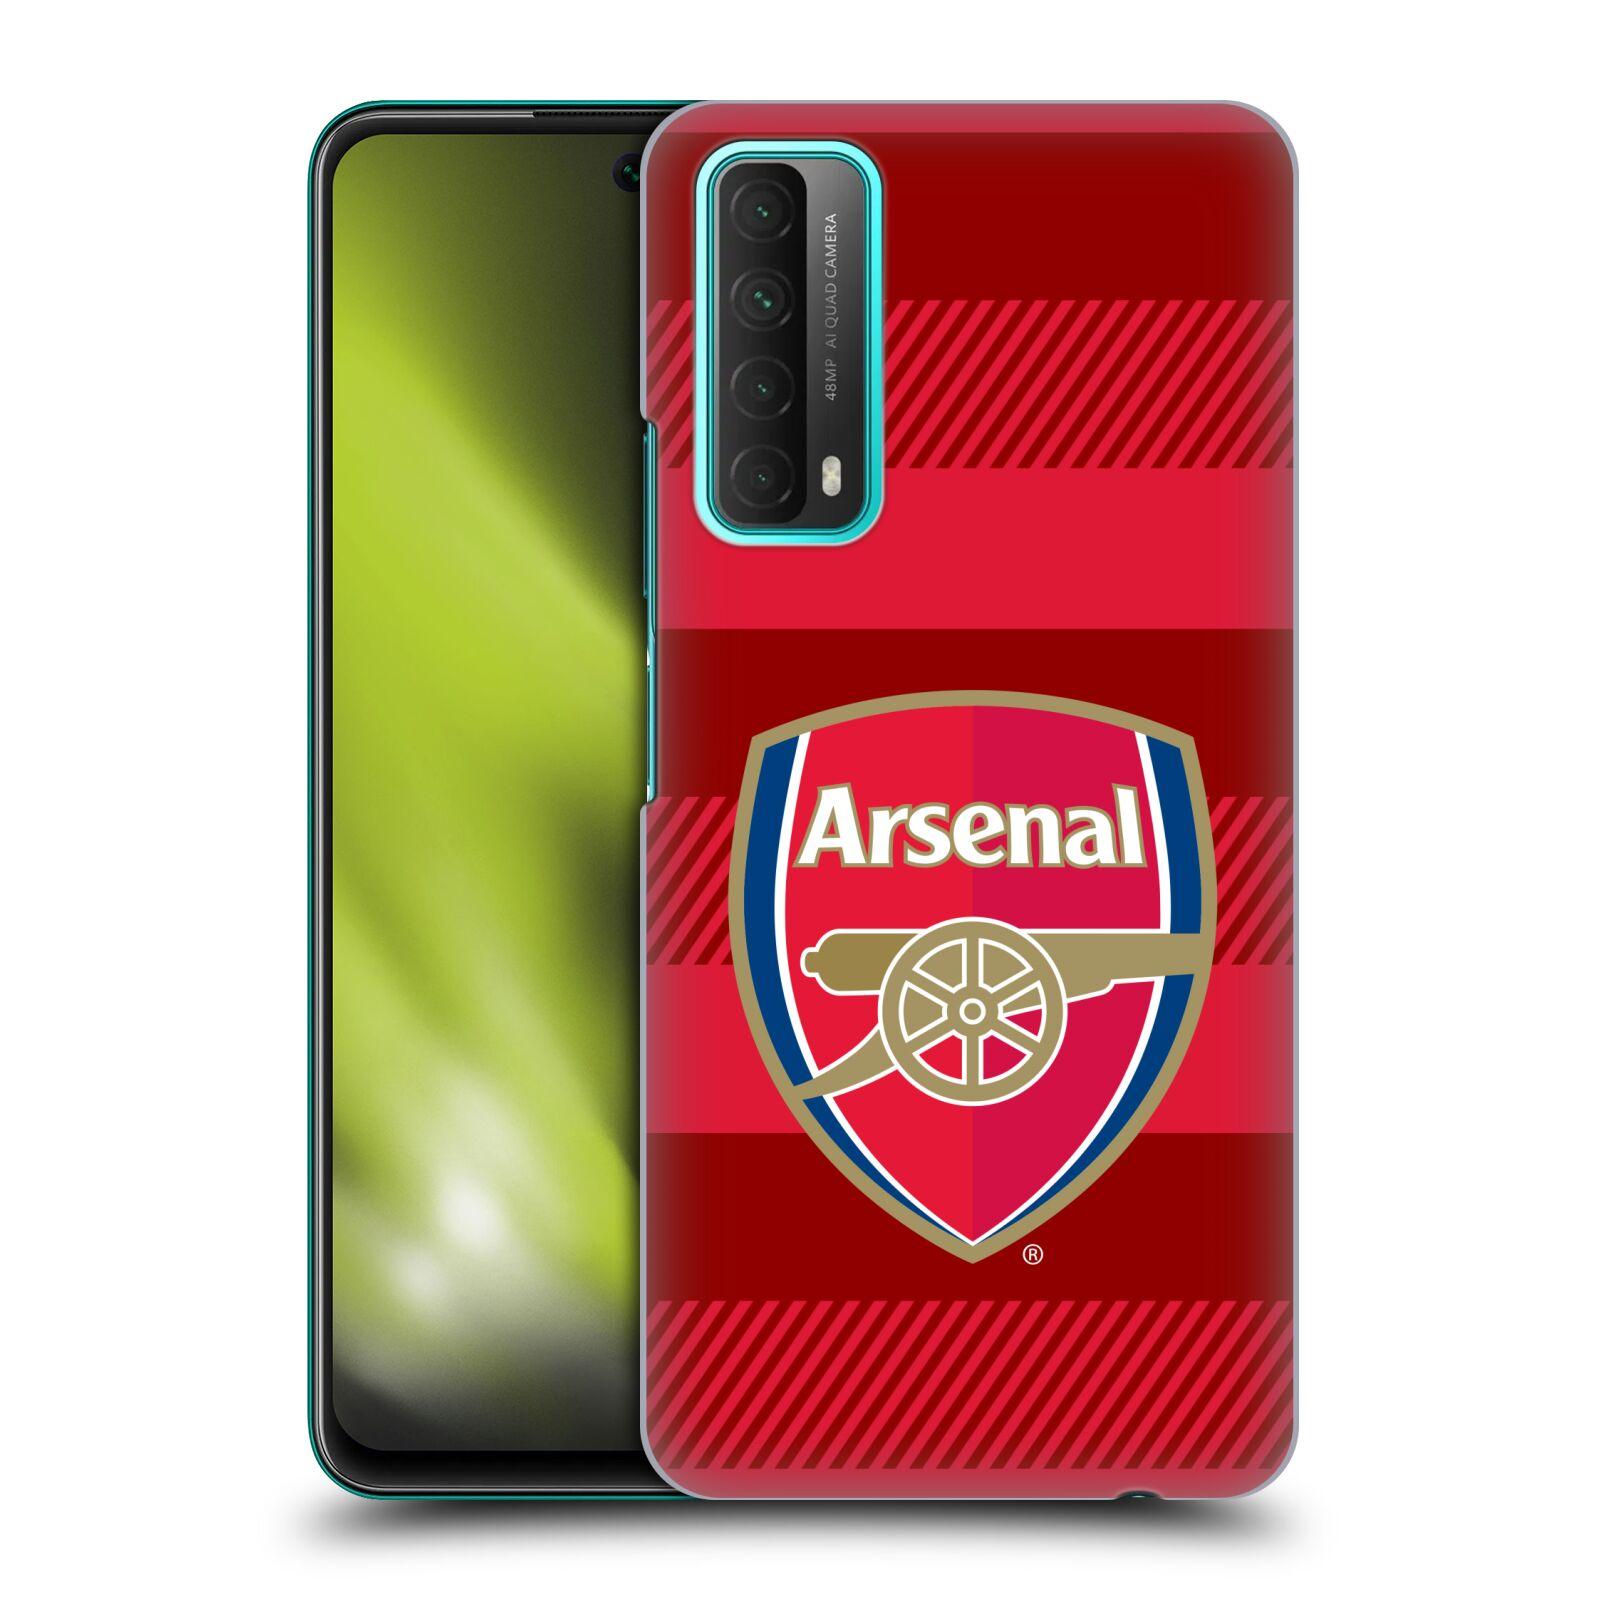 Plastové pouzdro na mobil Huawei P Smart (2021) - Head Case - Arsenal FC - Logo s pruhy